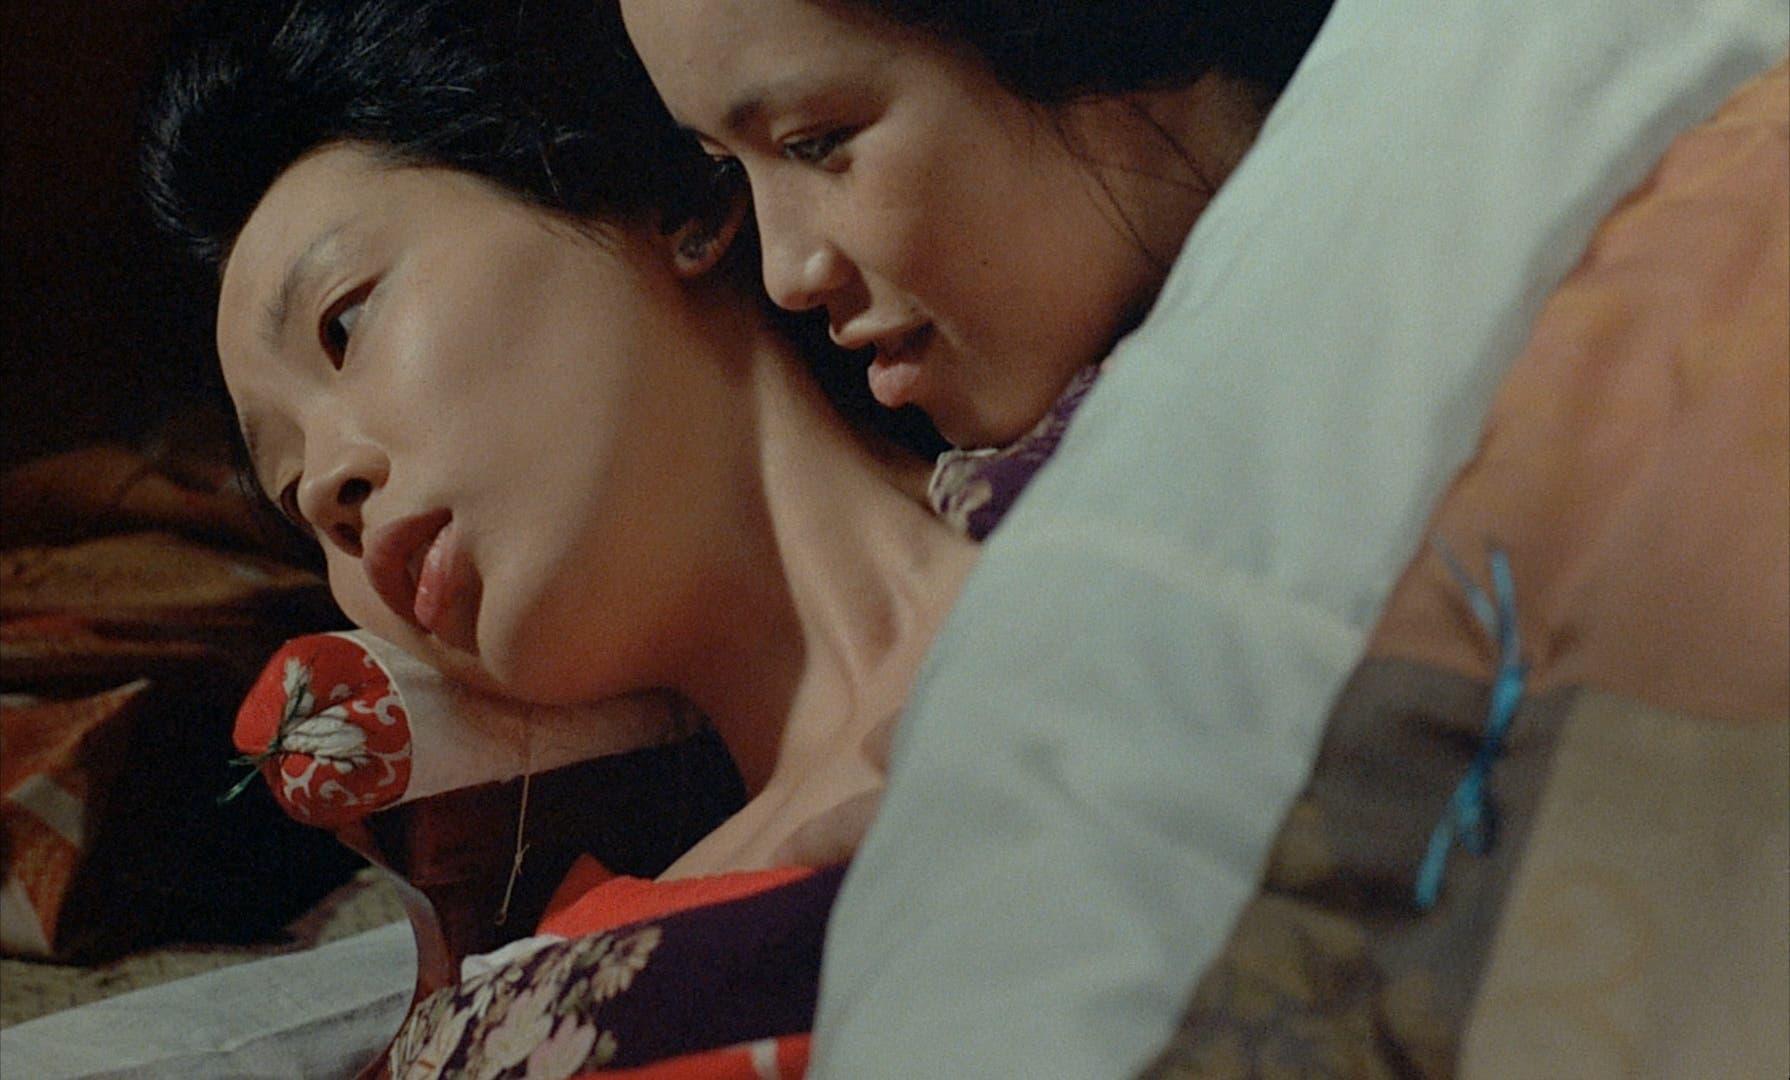 Peliculas Eroticas No Porno Para Ver En Pareja 6 películas eróticas que contienen escenas reales de sexo